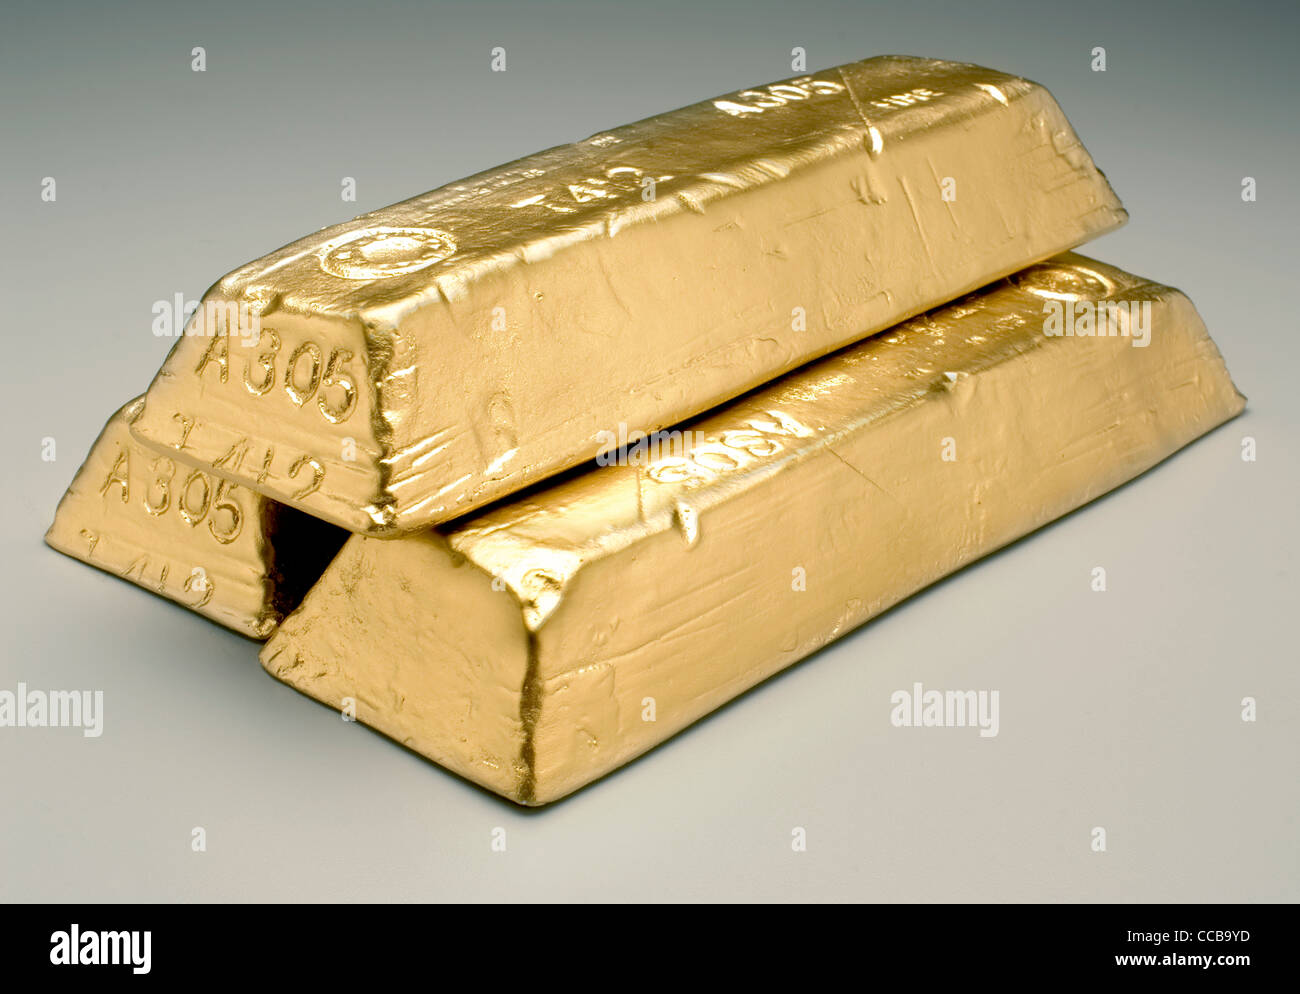 Goldbarren auf grauem Hintergrund Stockbild